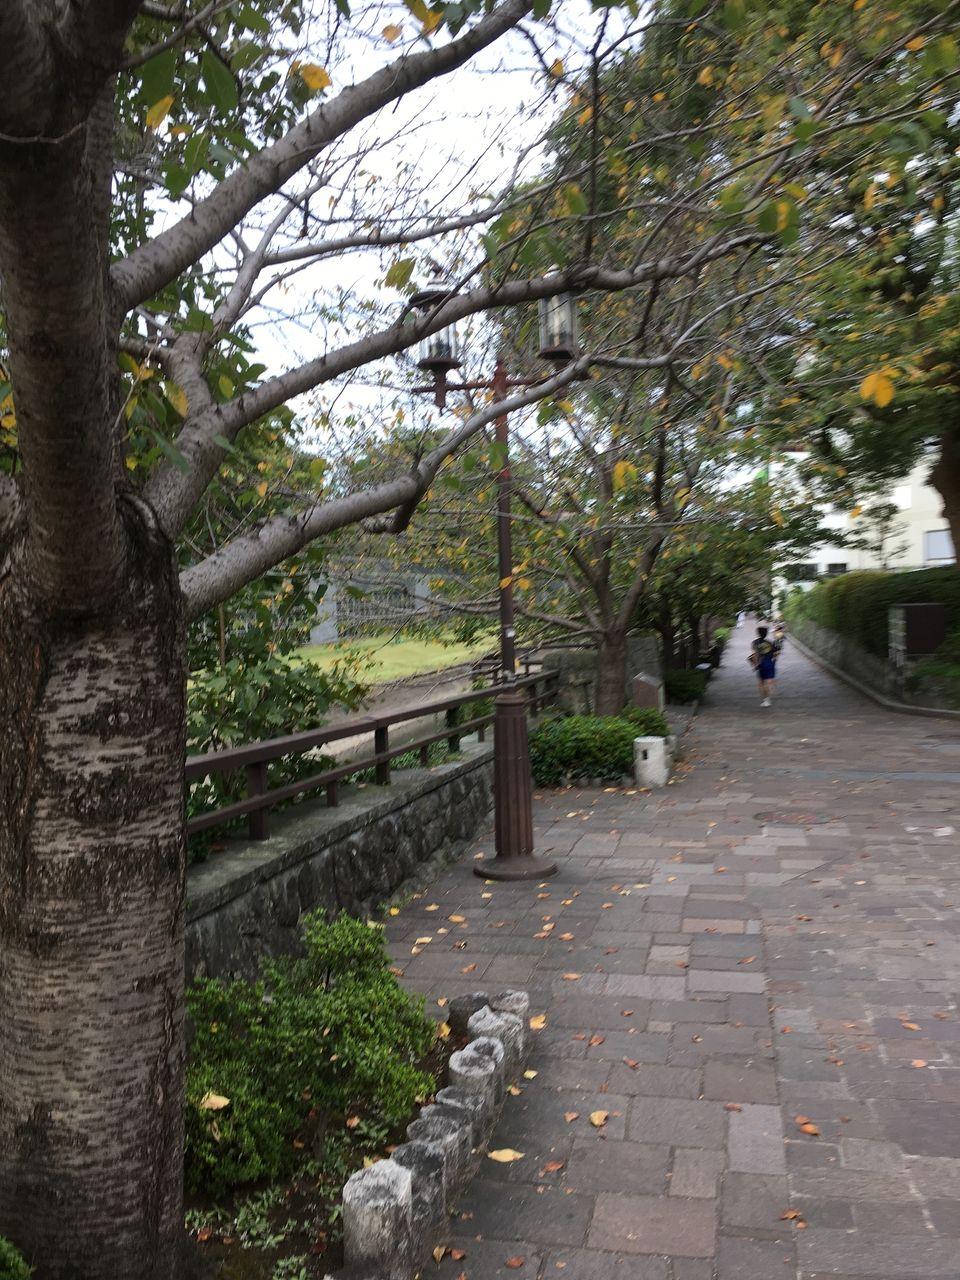 熊本城築城400年400日前の記念事業として平成17年11月記念植樹